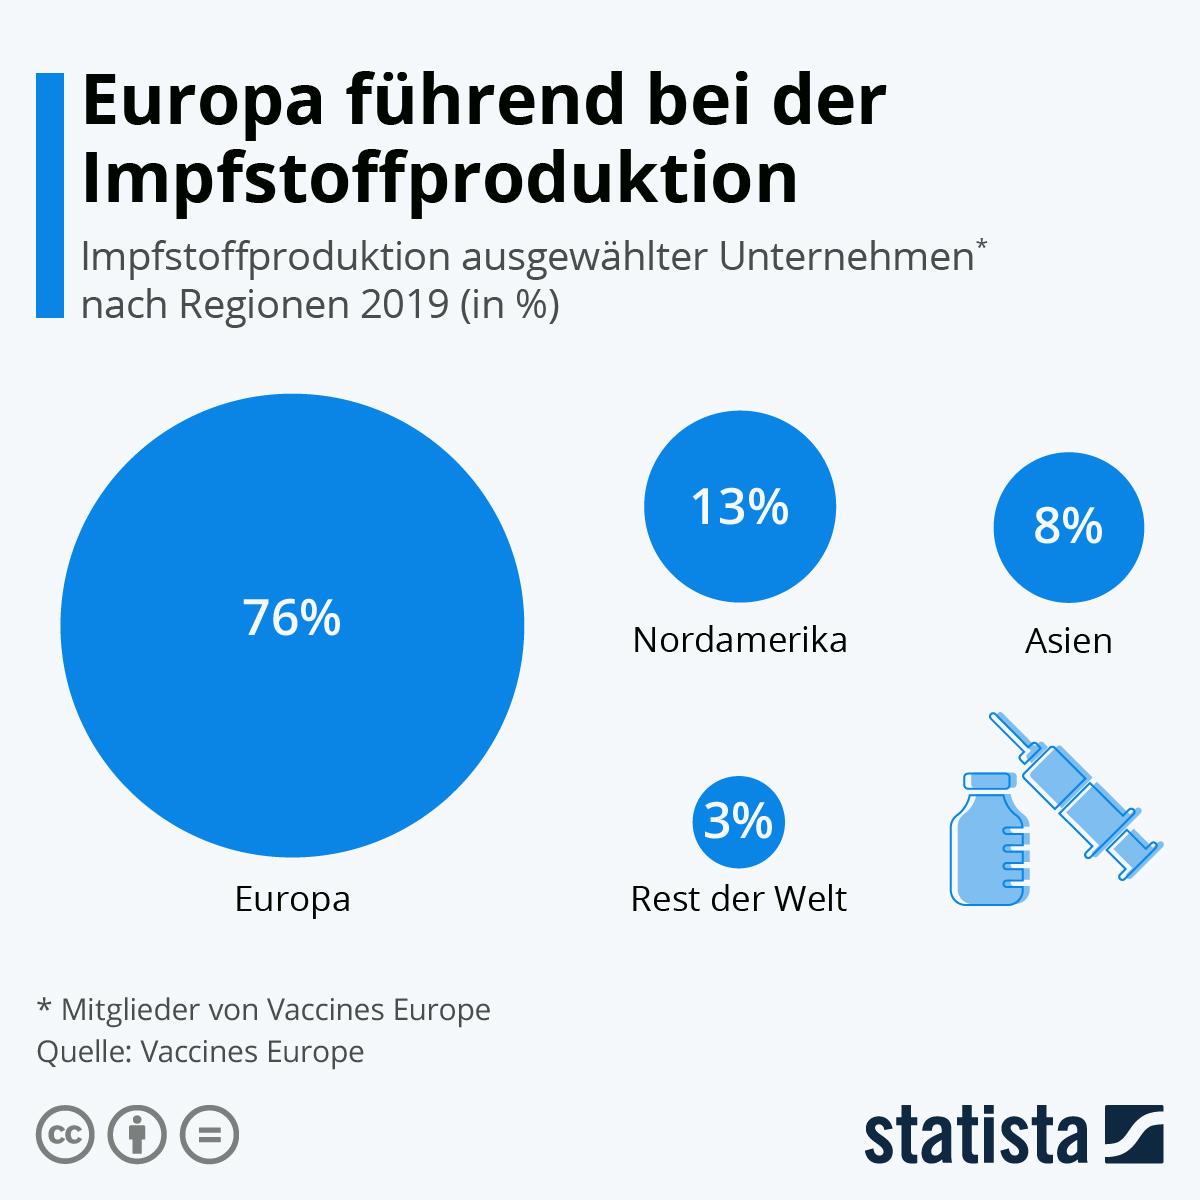 Infografik Europa Fuhrend Bei Der Impfstoffproduktion Statista